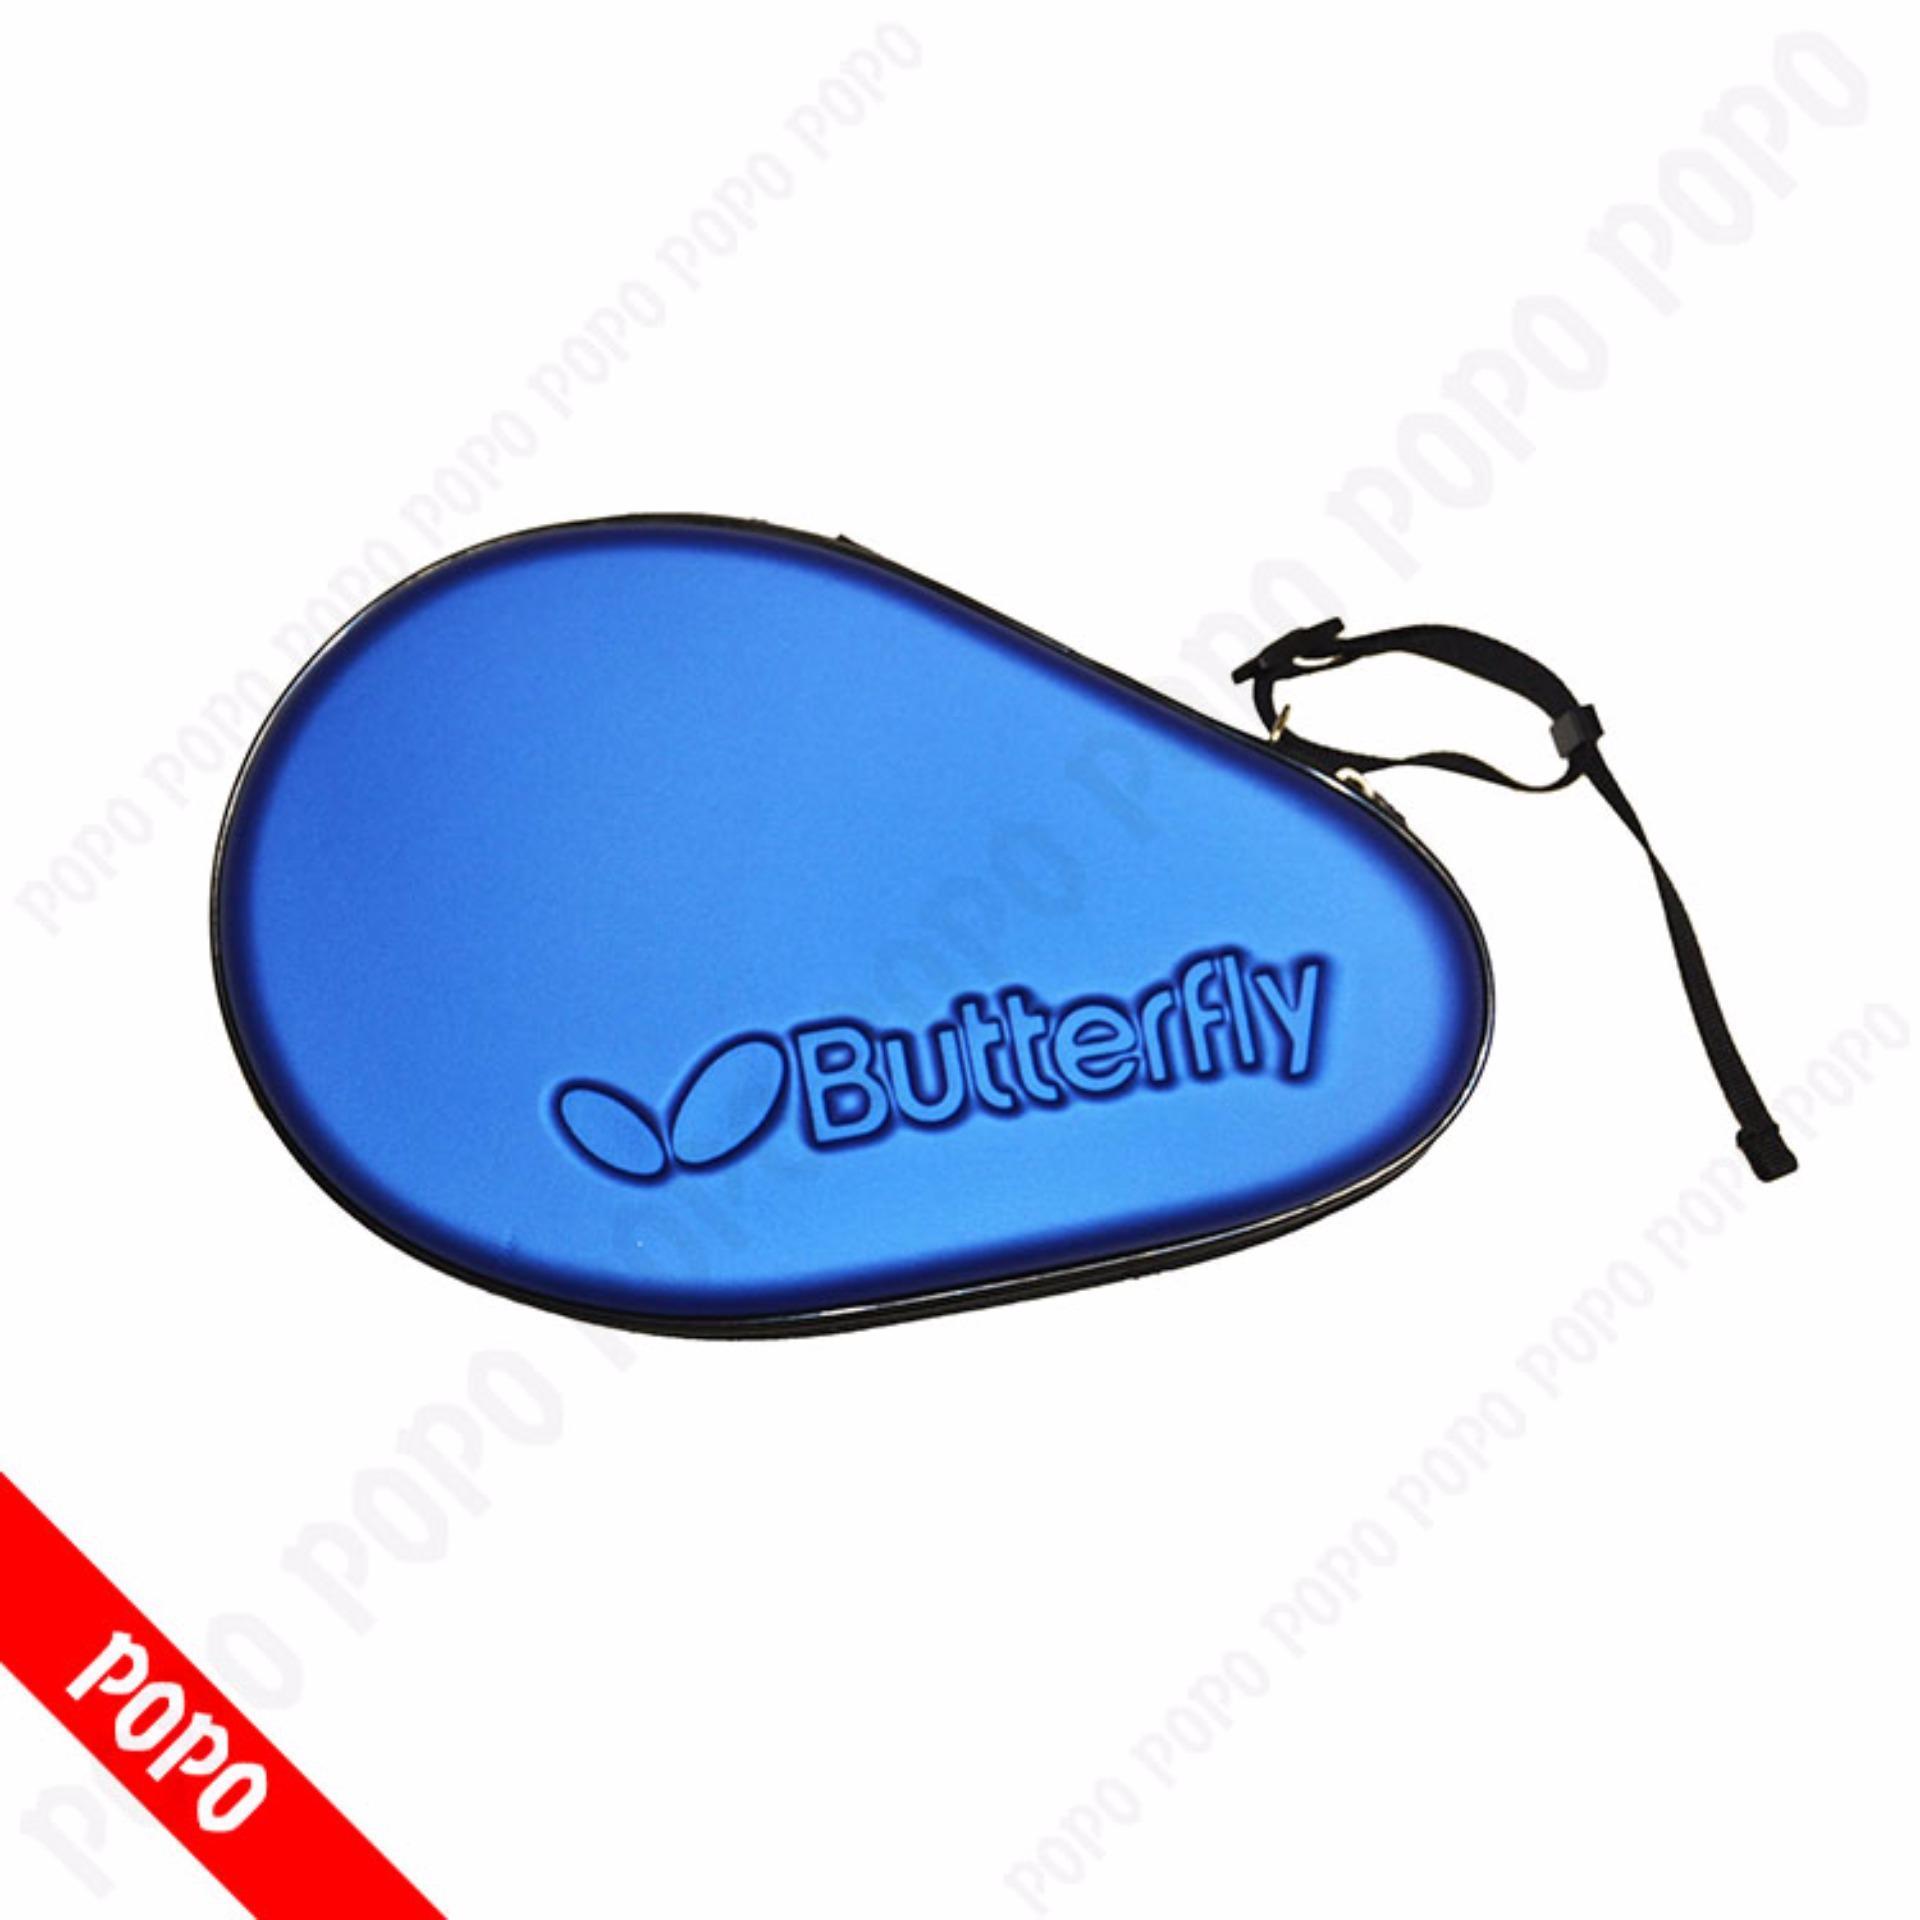 Bao đựng vợt bóng bàn, túi đựng vợt bóng bàn cứng cáp bảo vệ tuyệt đối vợt; chất liệu cao cấp  POPO Sports - 5